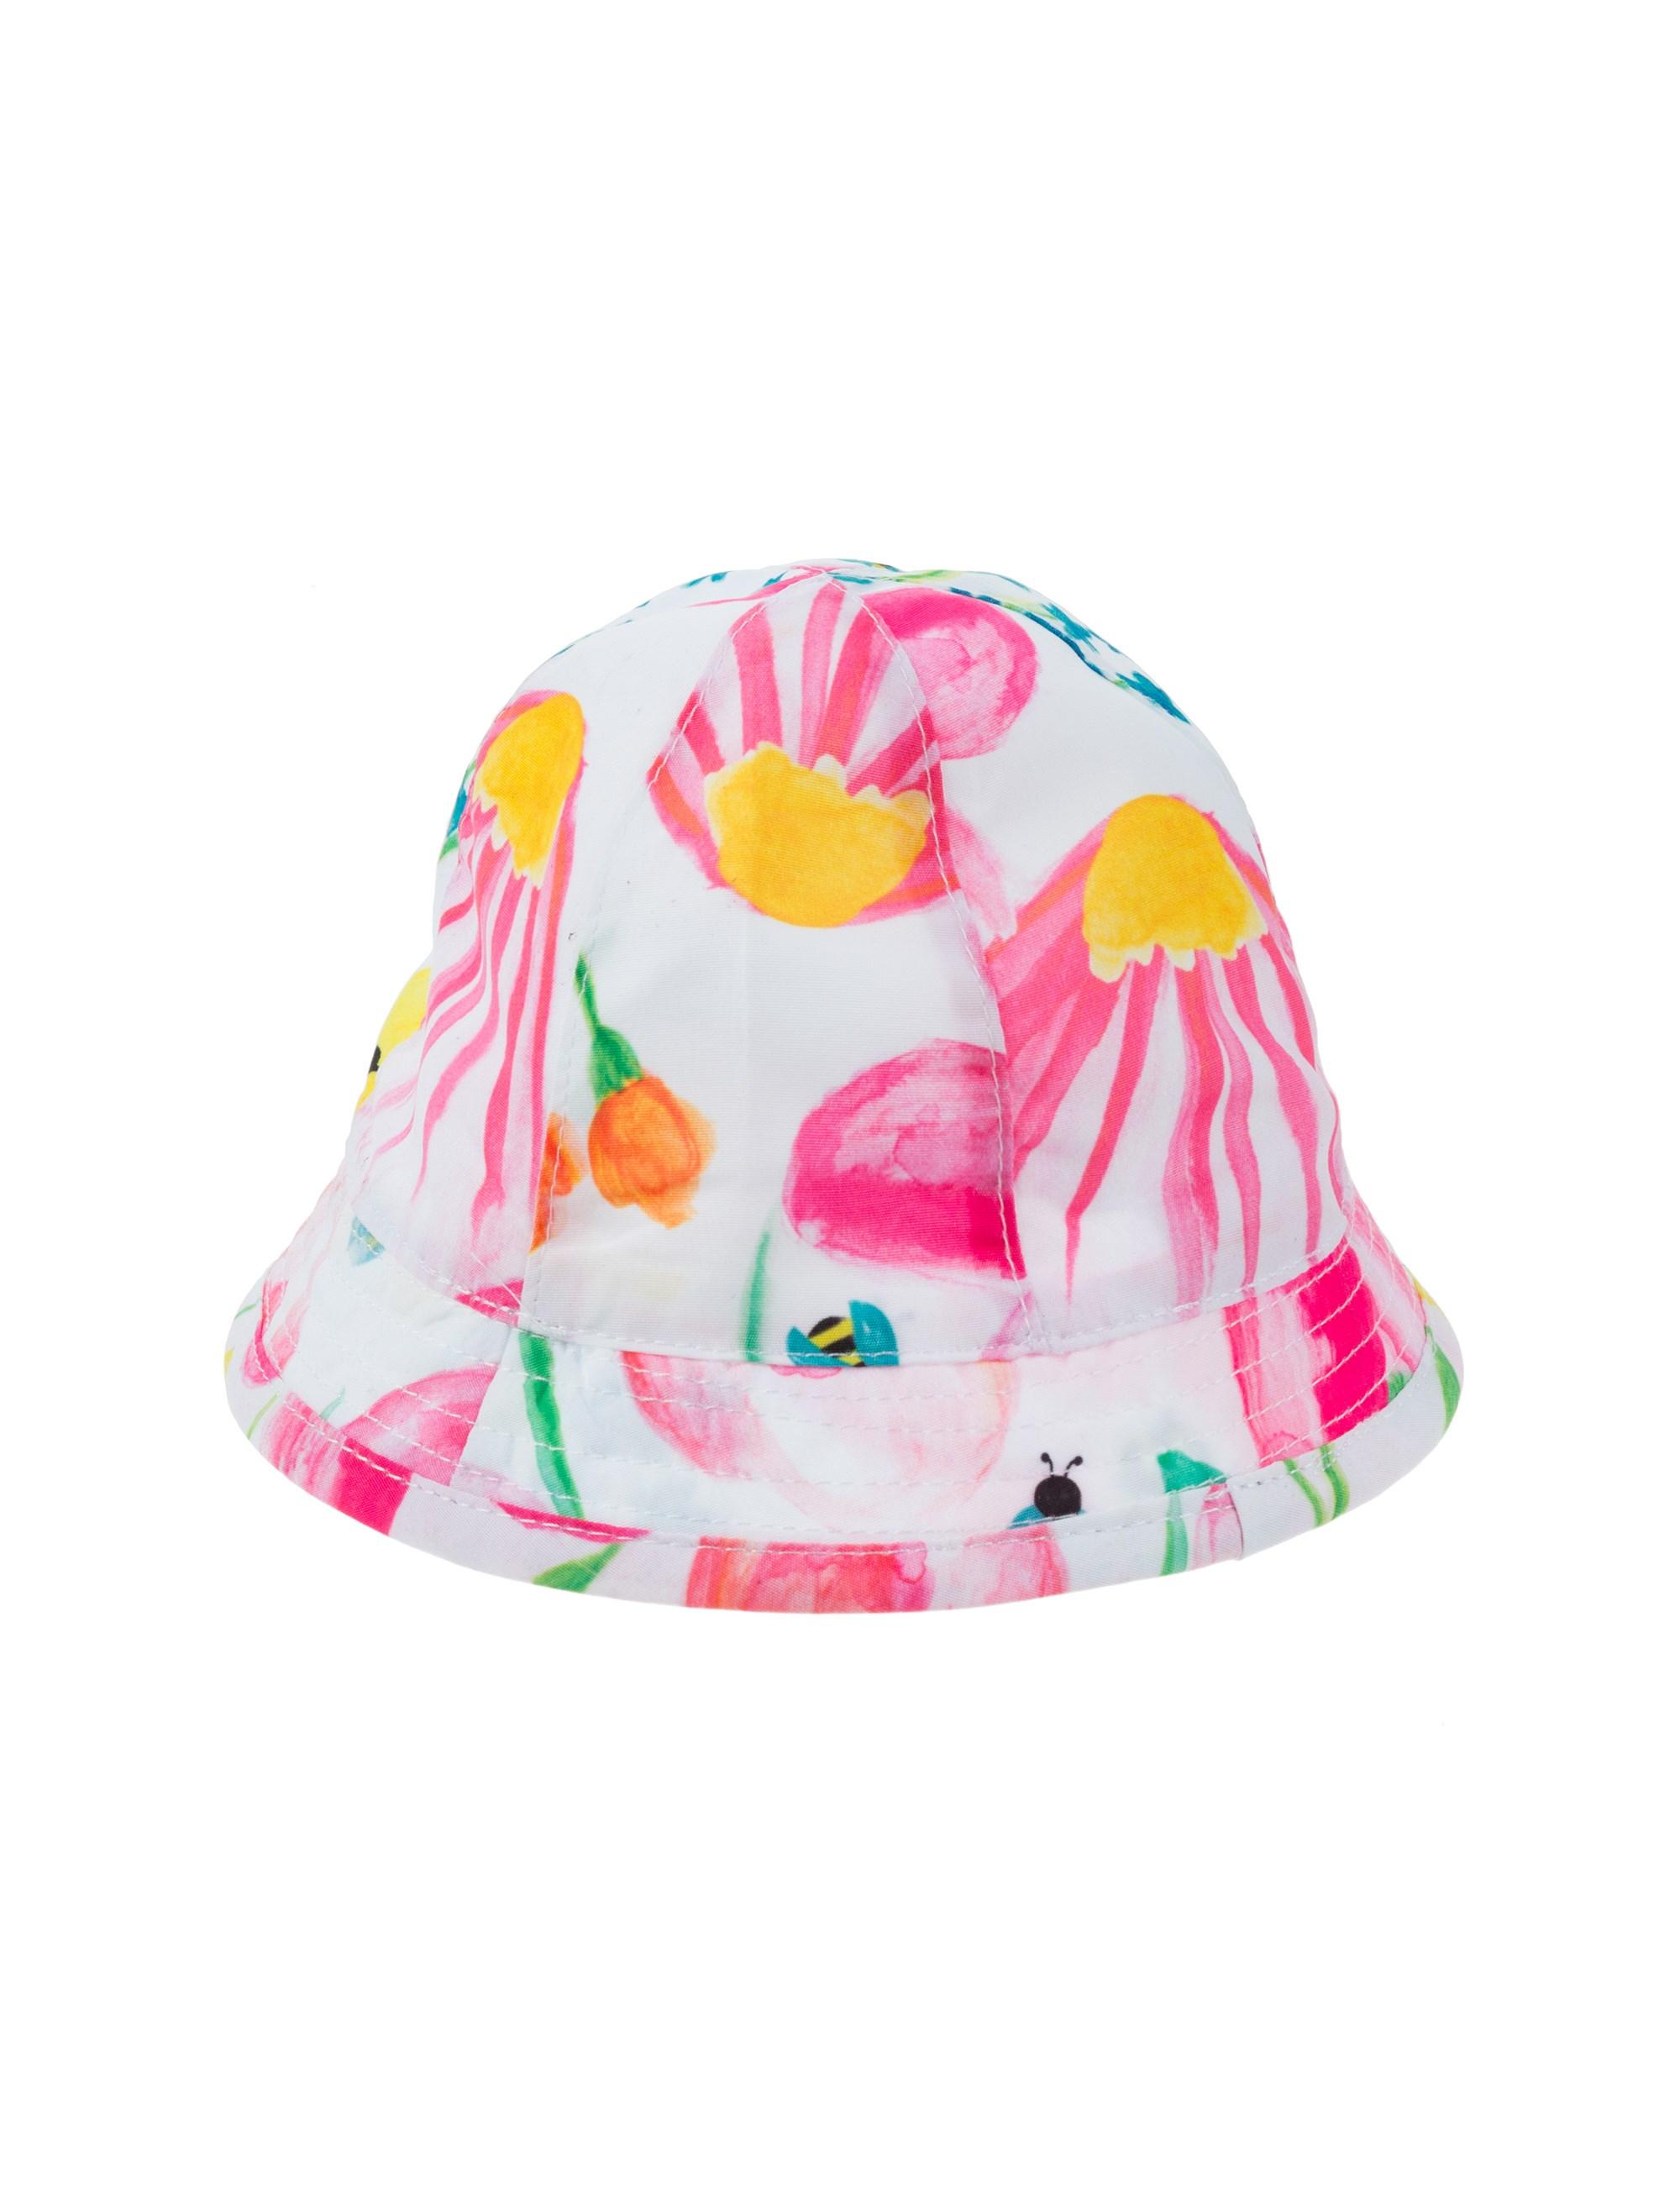 کلاه ساحلی نوزادی دخترانه - بلوکیدز